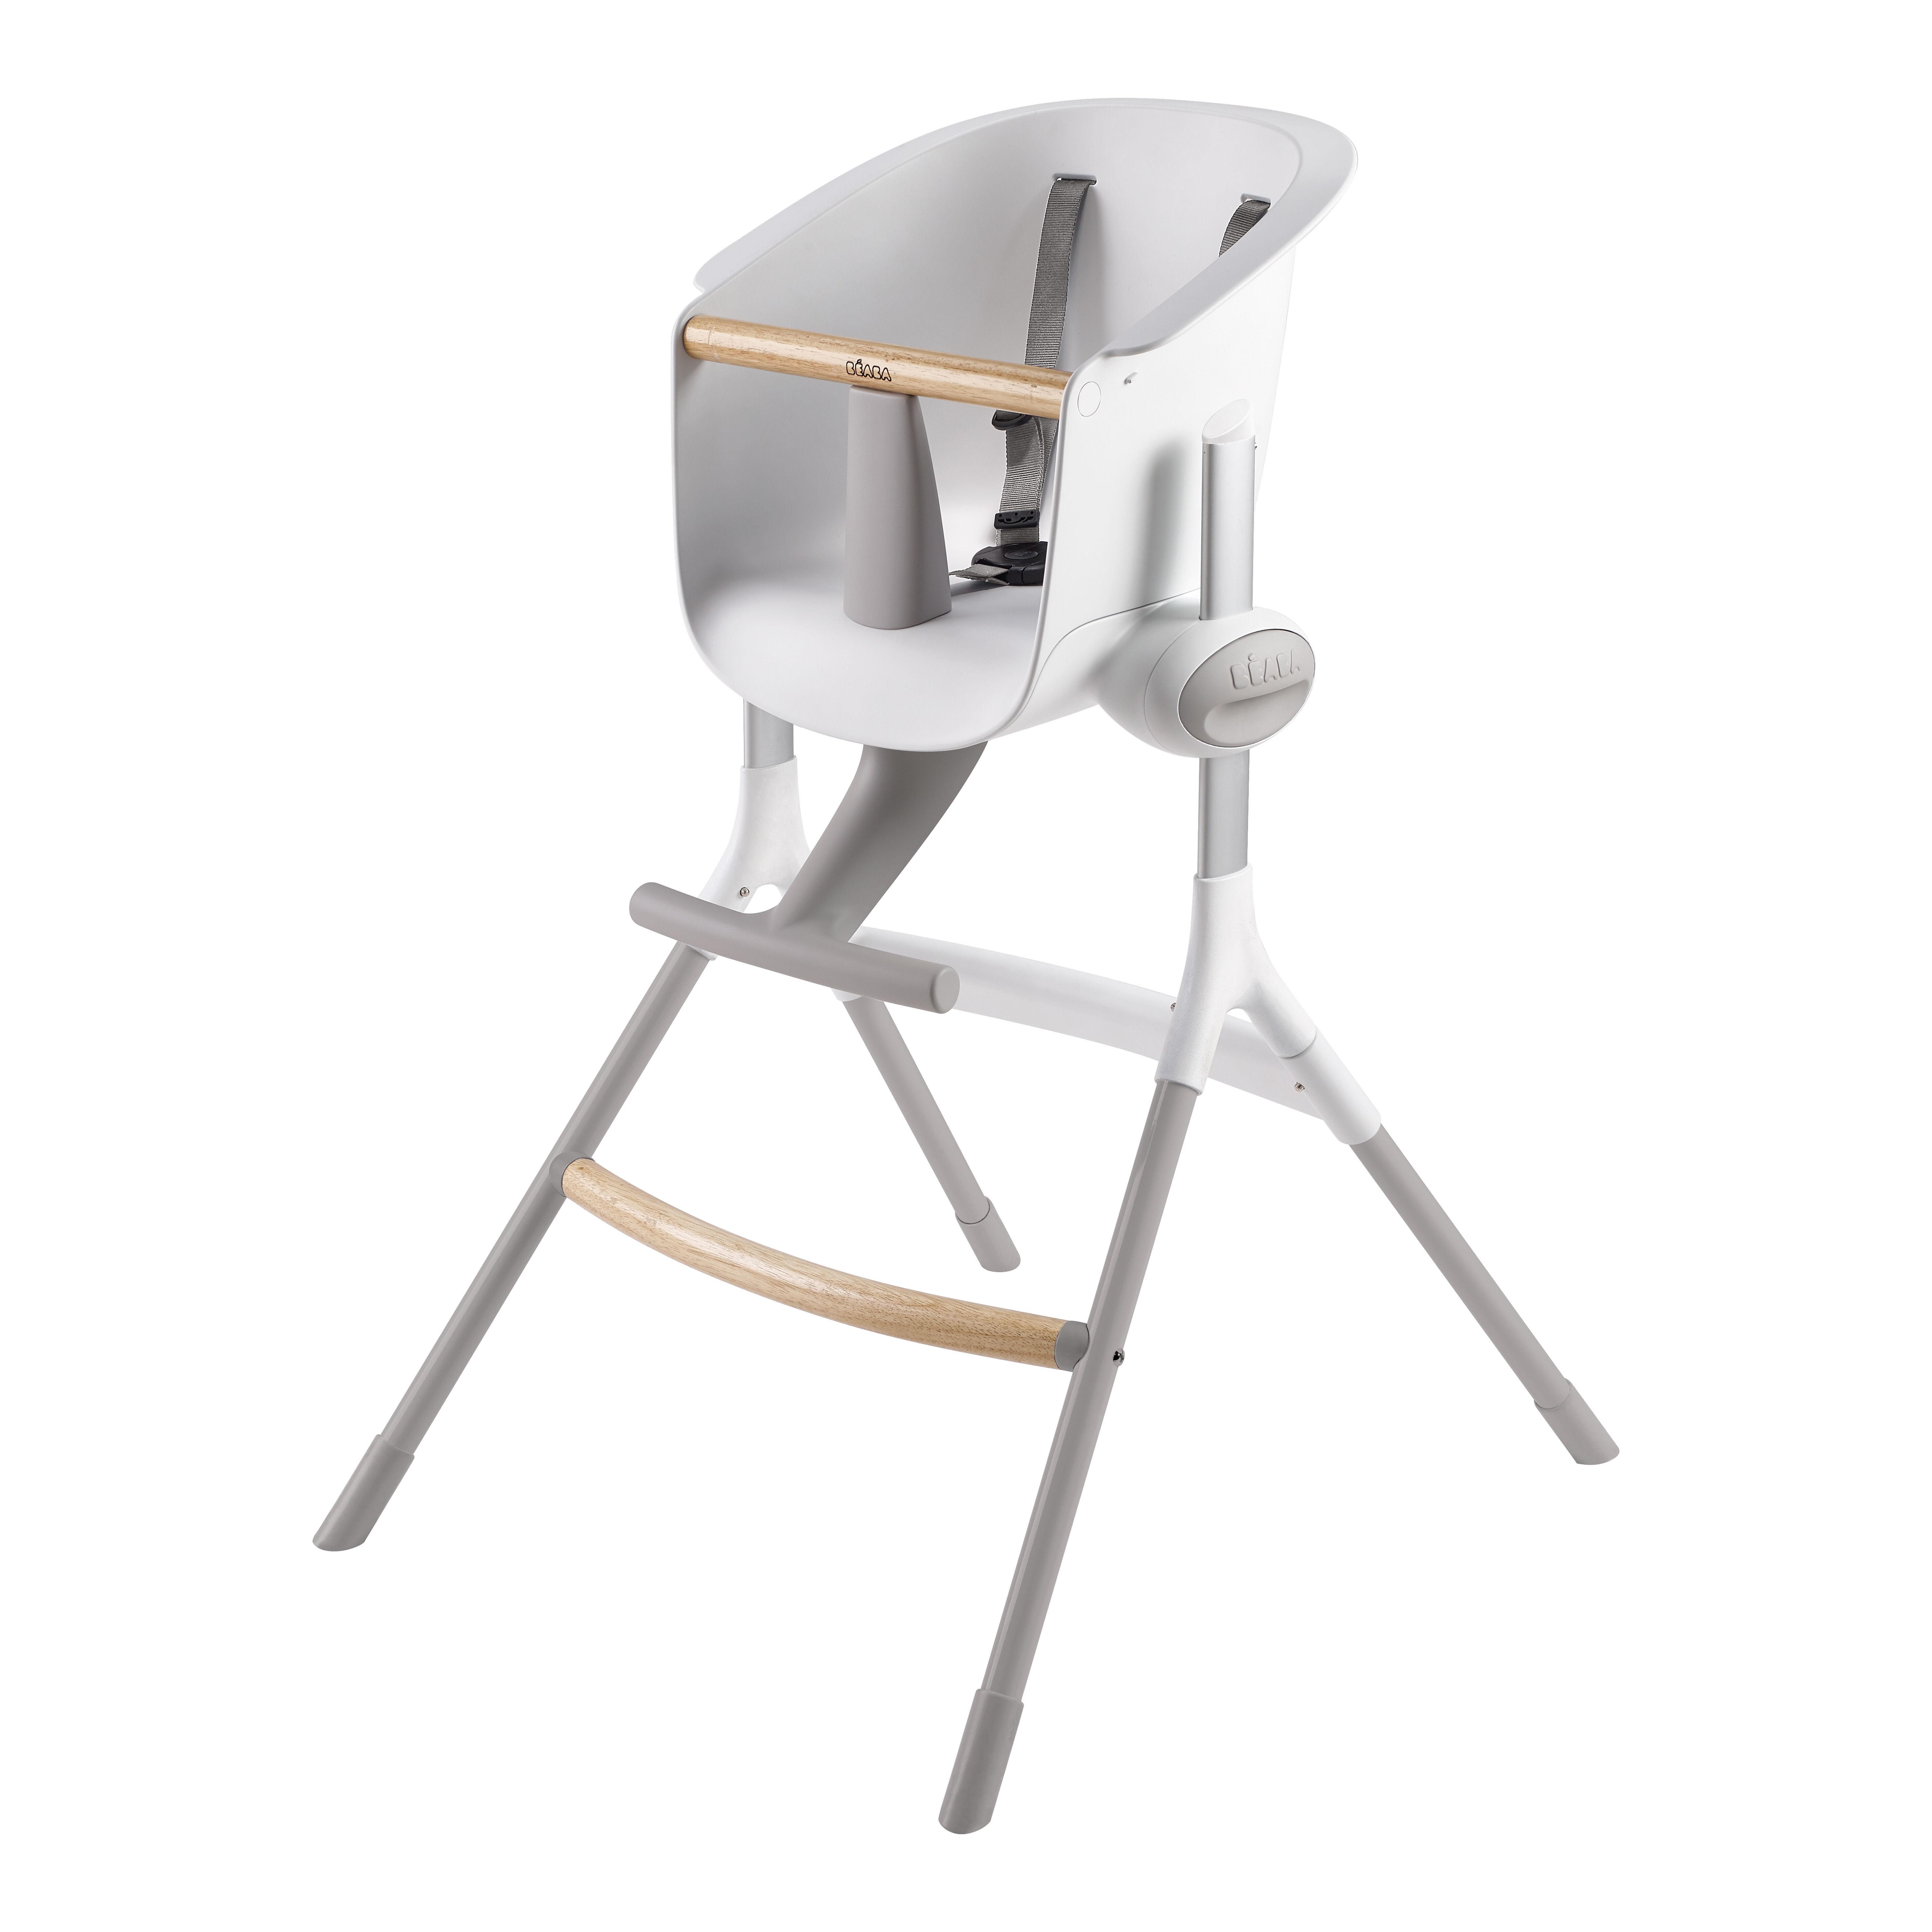 Béaba Chaise haute bébé